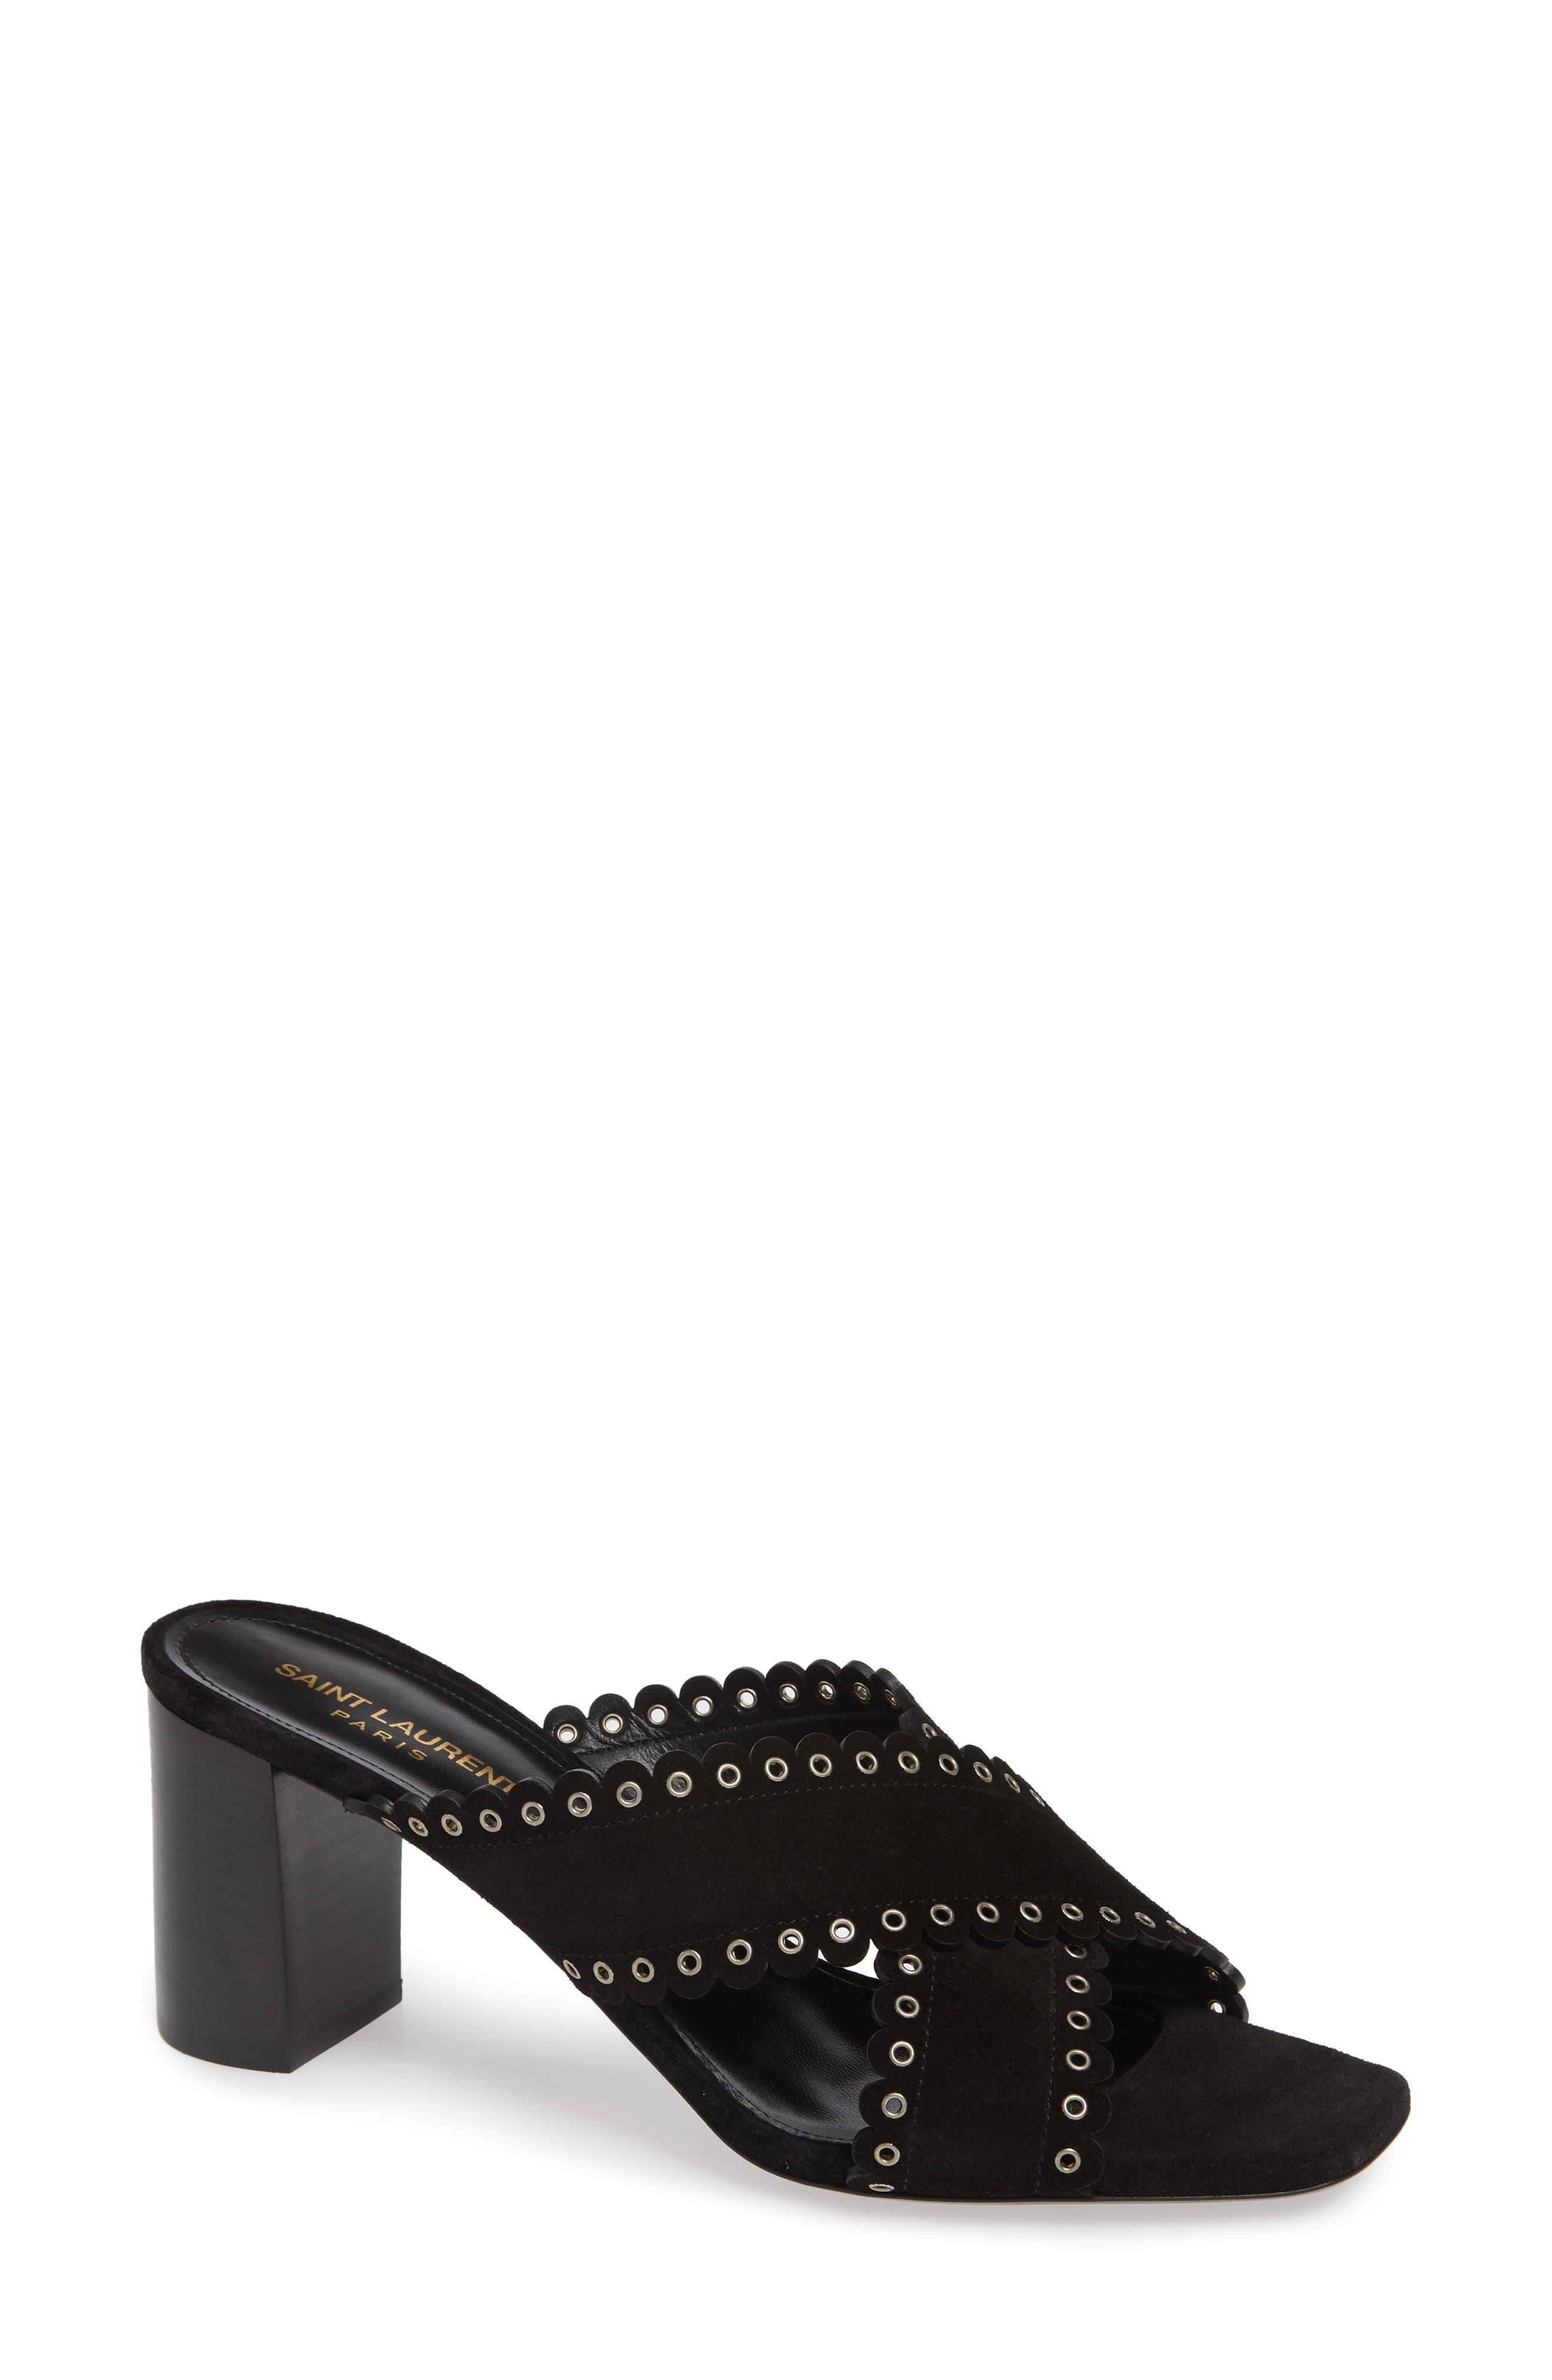 Saint Laurent Loulou Grommet Sandal - Black